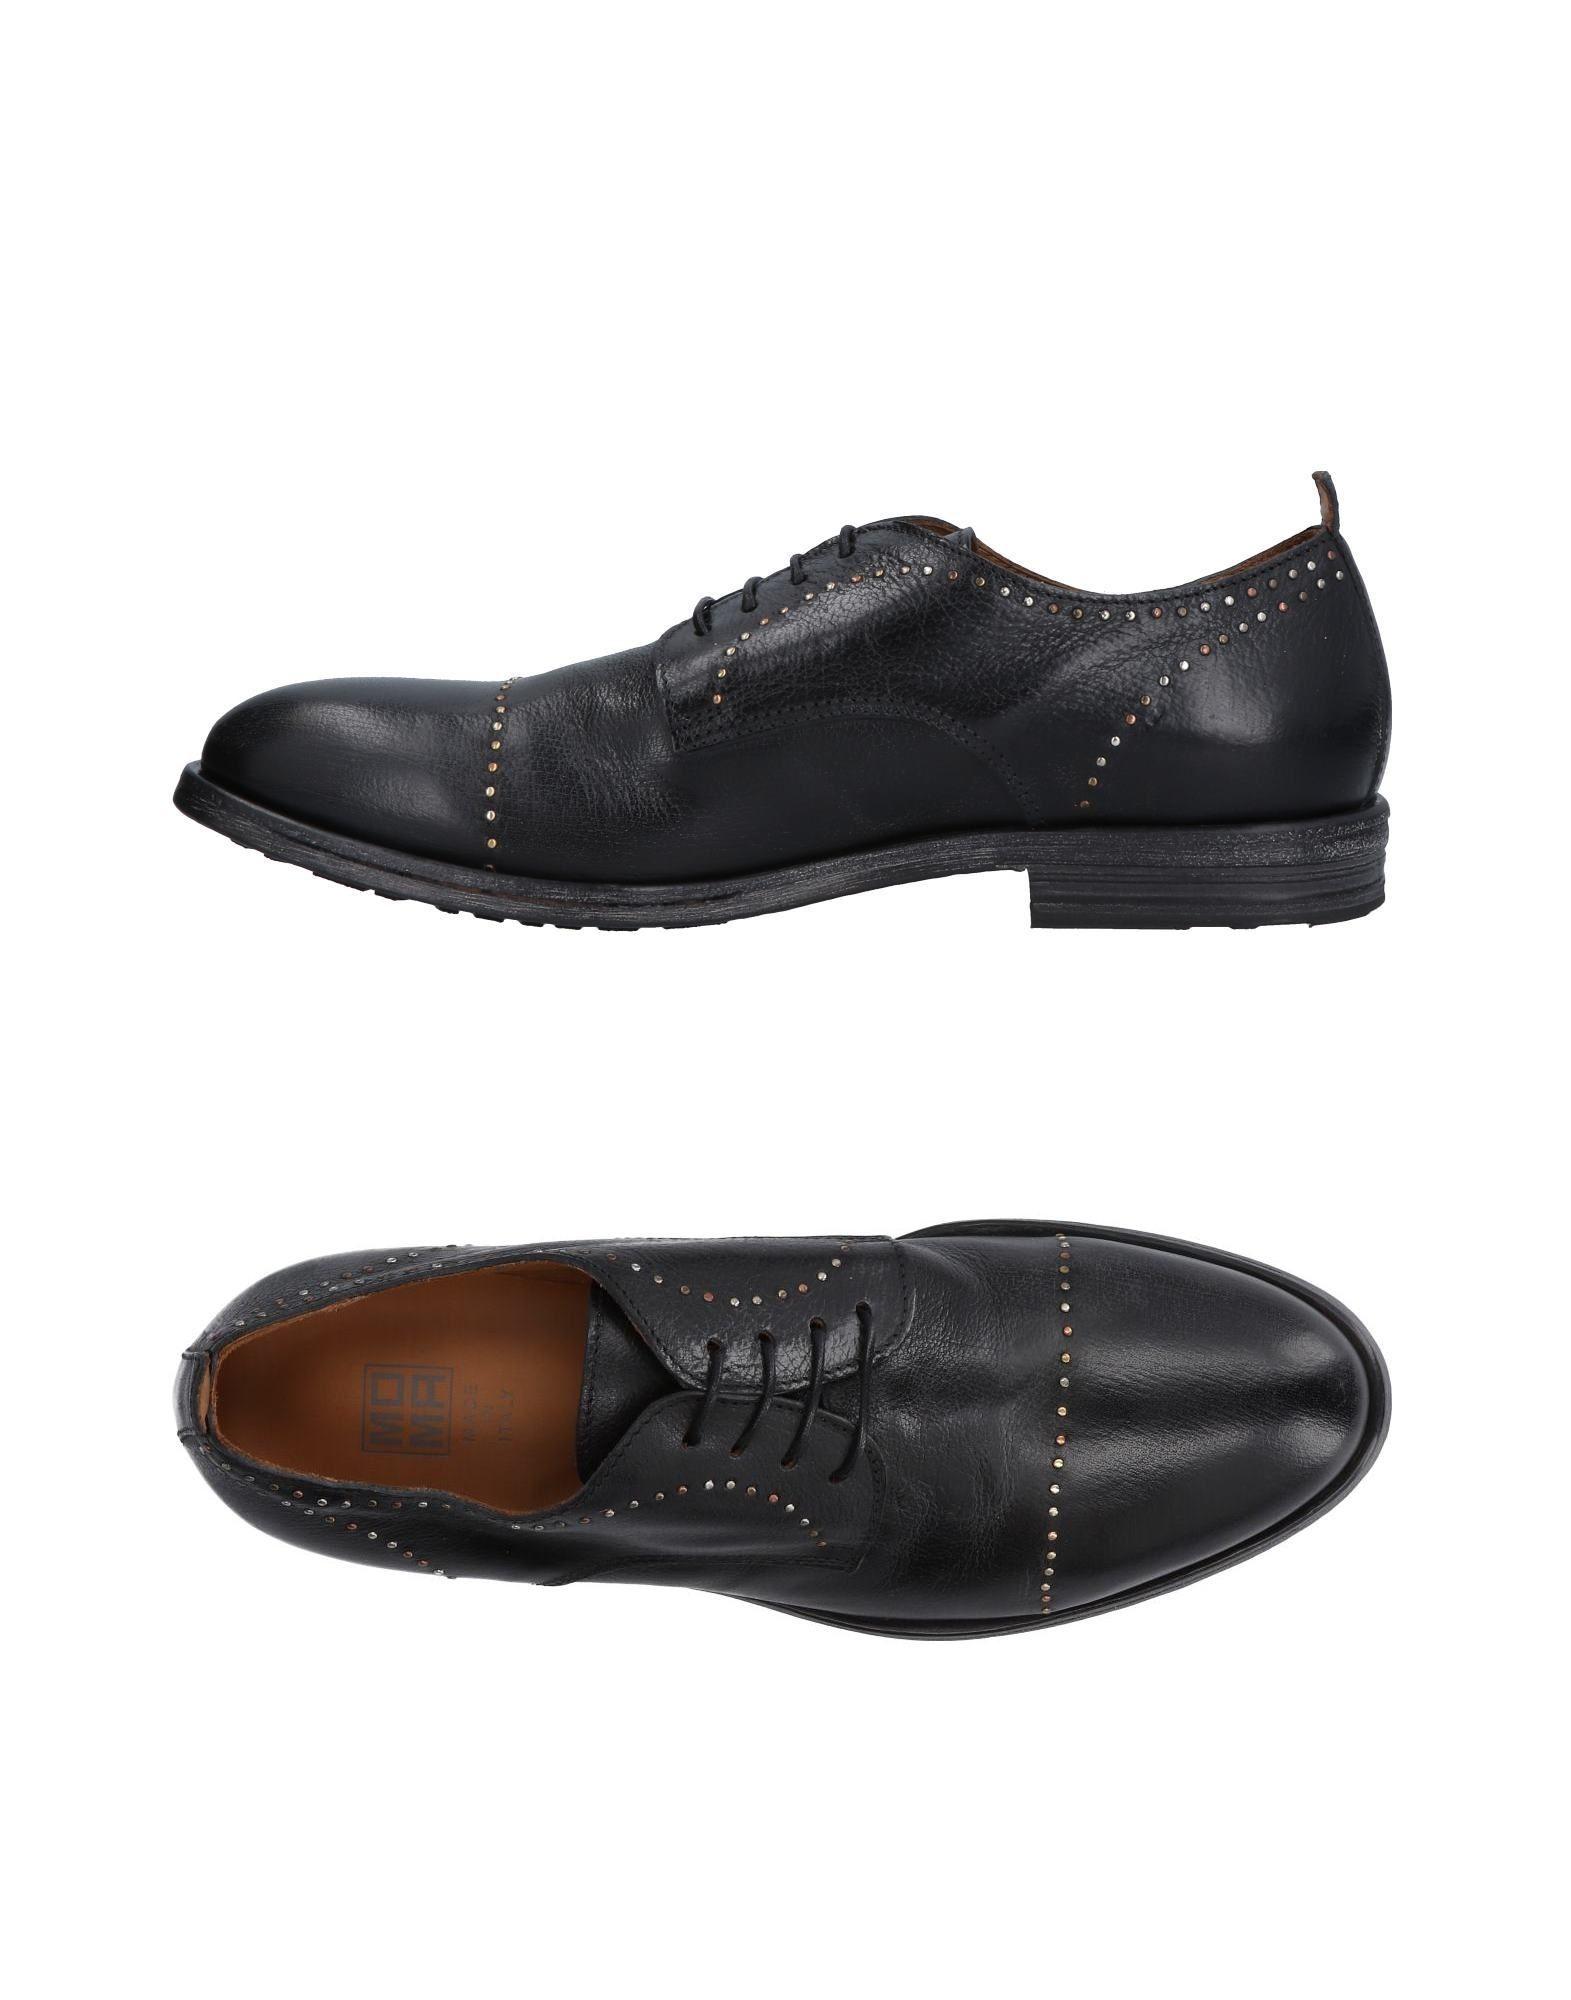 Moma Schnürschuhe Herren  11471641LM Gute Qualität beliebte beliebte beliebte Schuhe 030d33